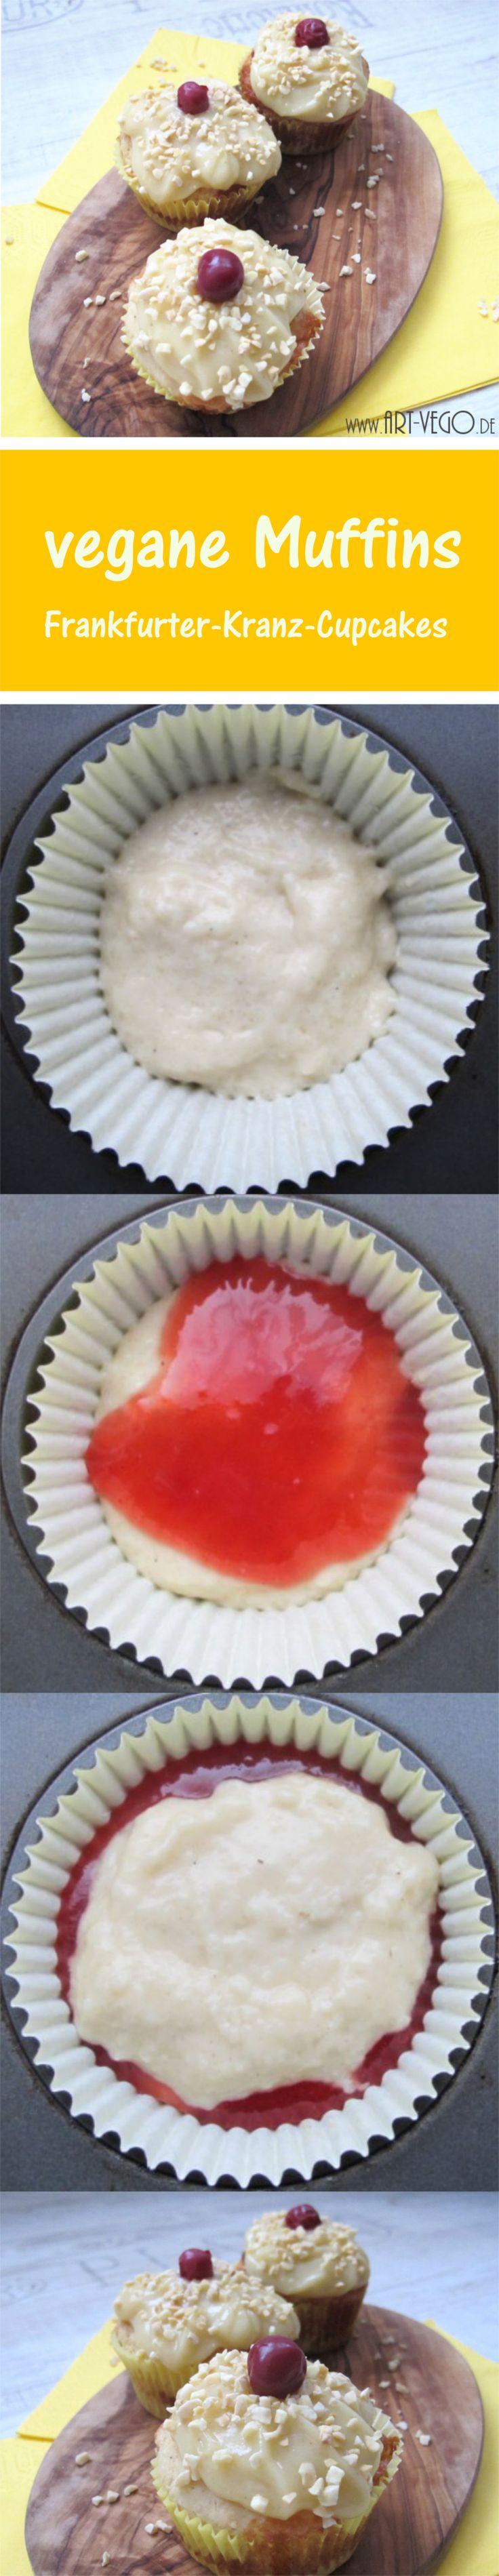 vegane Frankfurter-Kranz-Cupcakes (deutsche Version)